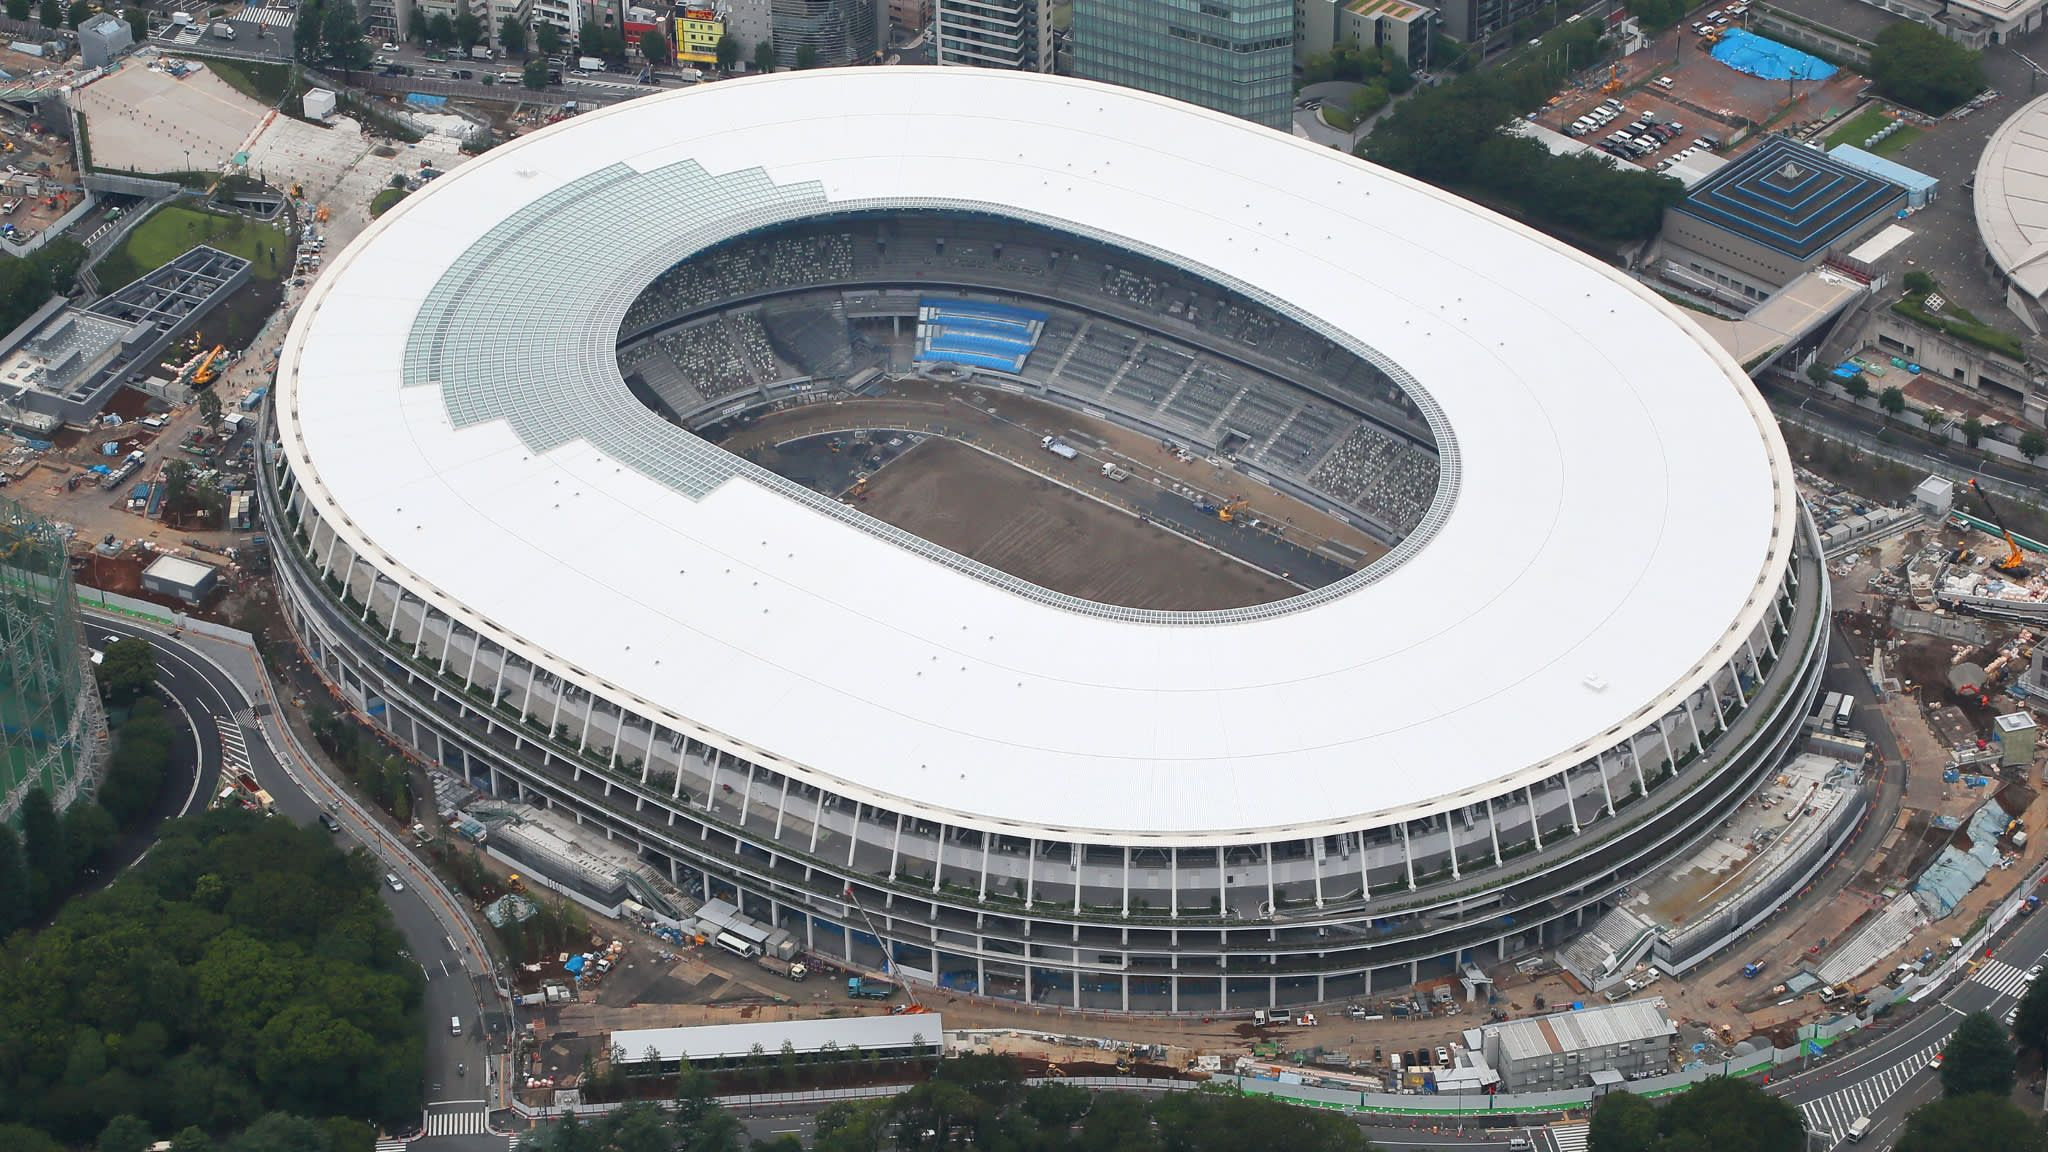 इसी स्टेडियम में ओलिंपिक इवेंट्स ऑर्गेनाइज किए जाएंगे। हालांकि, कोरोना की वजह से दर्शकों की एंट्री पर बैन लगाया गया है।